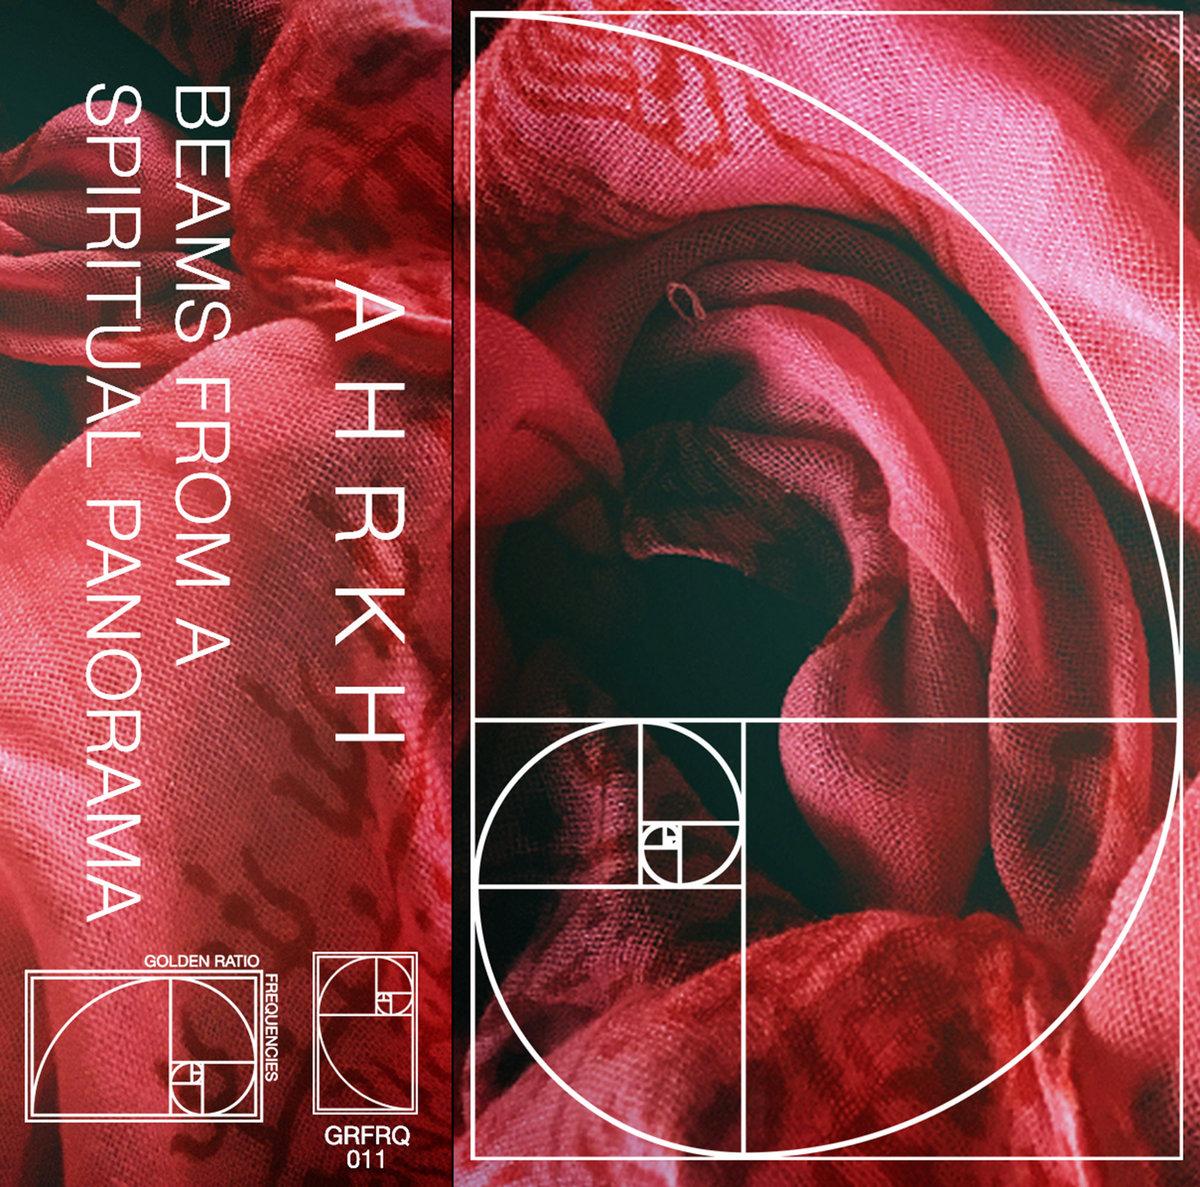 AHRKH cover art